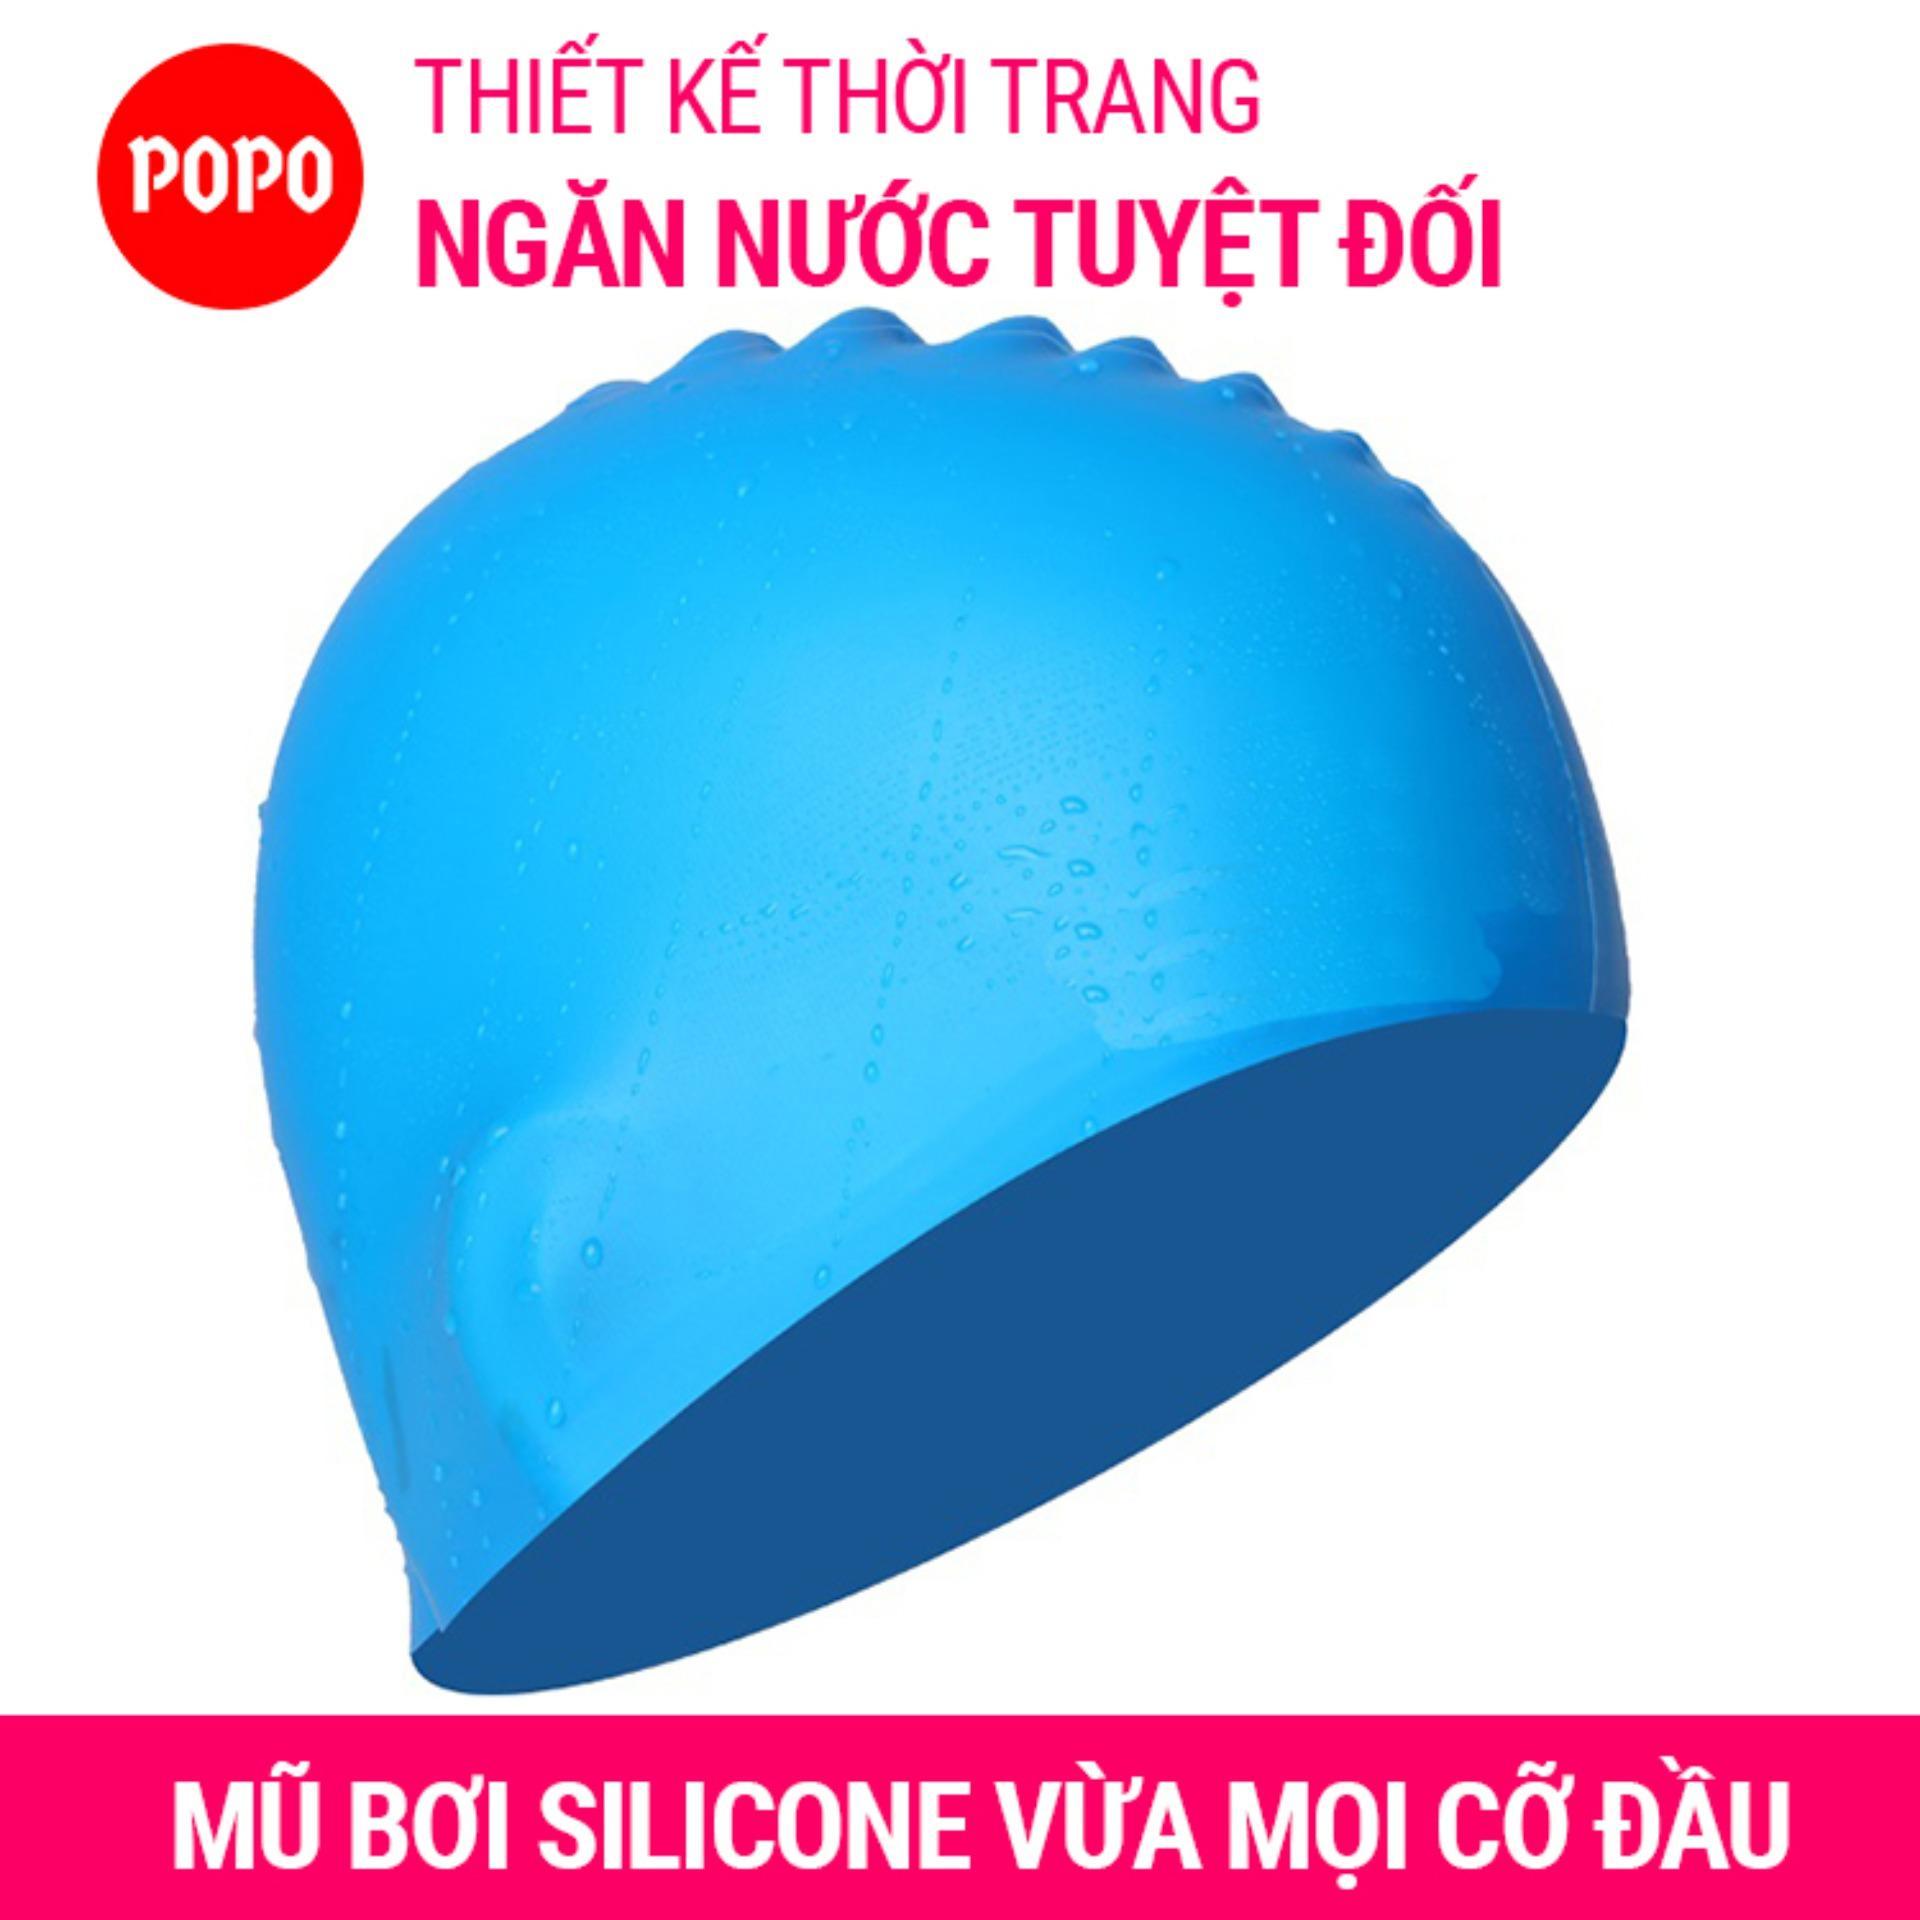 Nón bơi mũ bơi trơn silicone chống thống nước cao cấp CA31 POPO Collection - 6